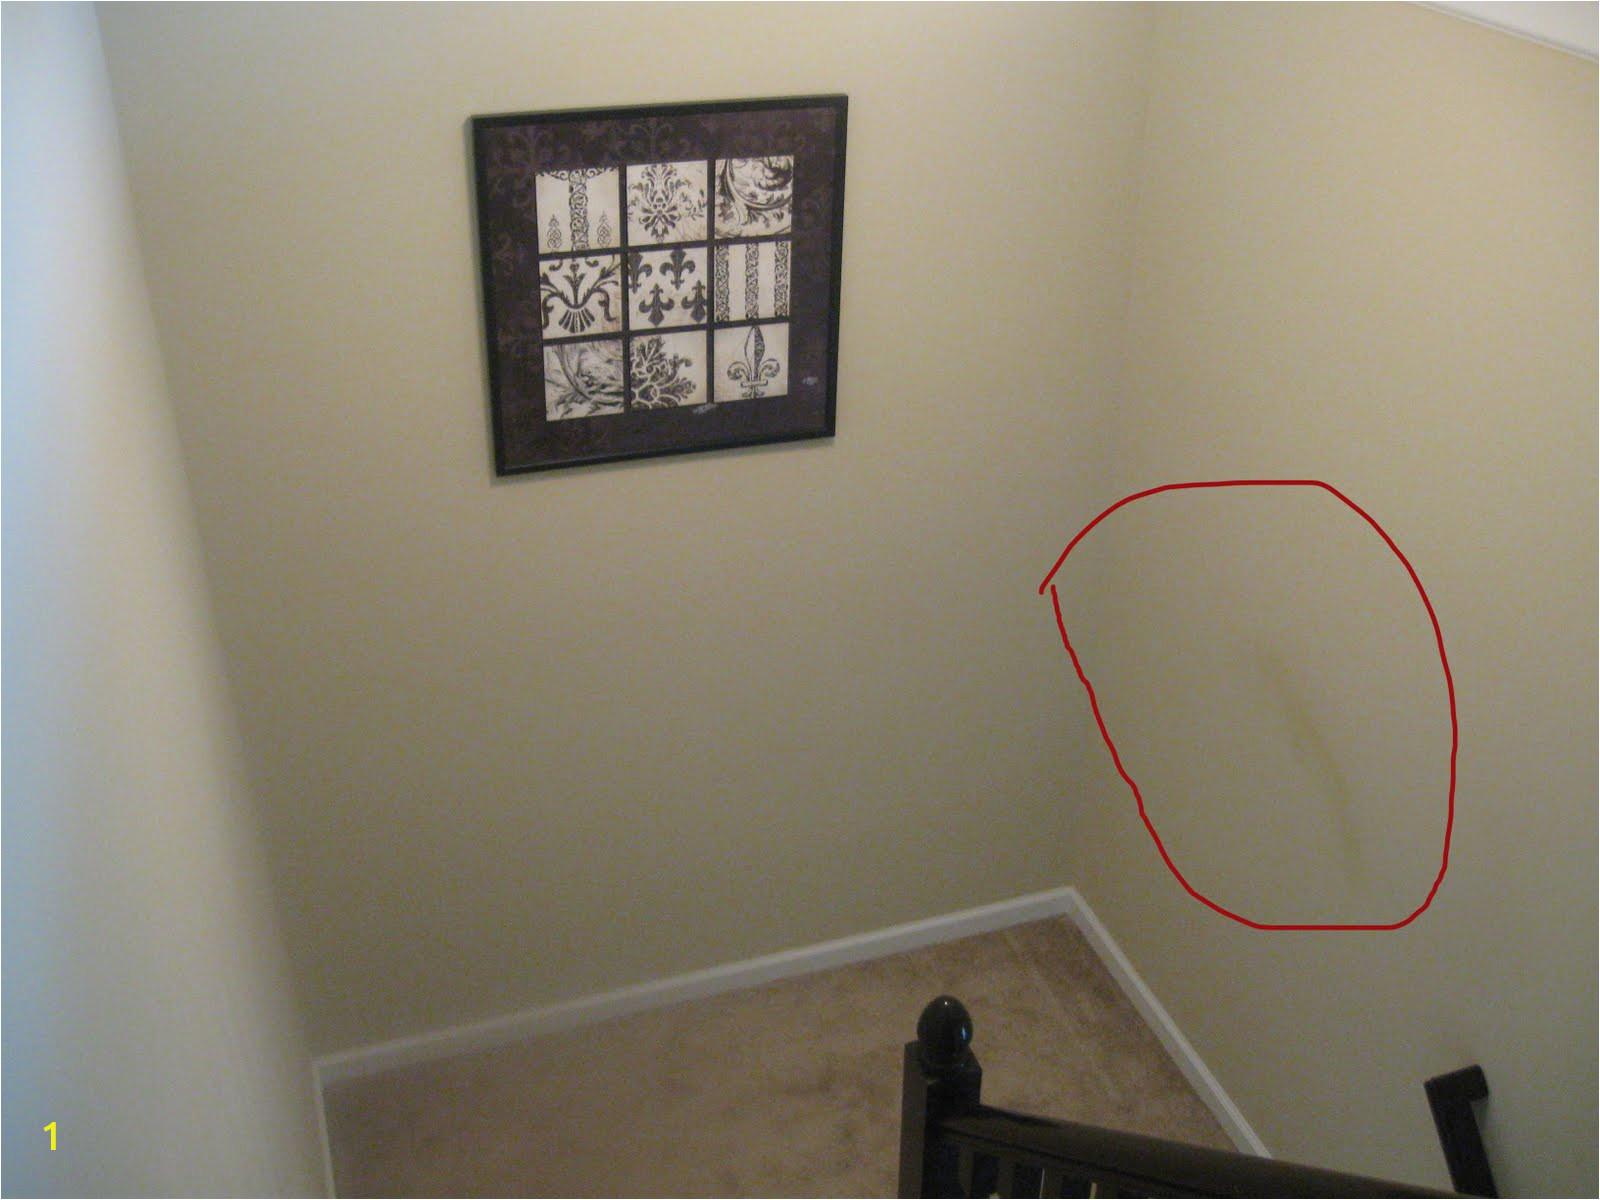 Stairwell mark